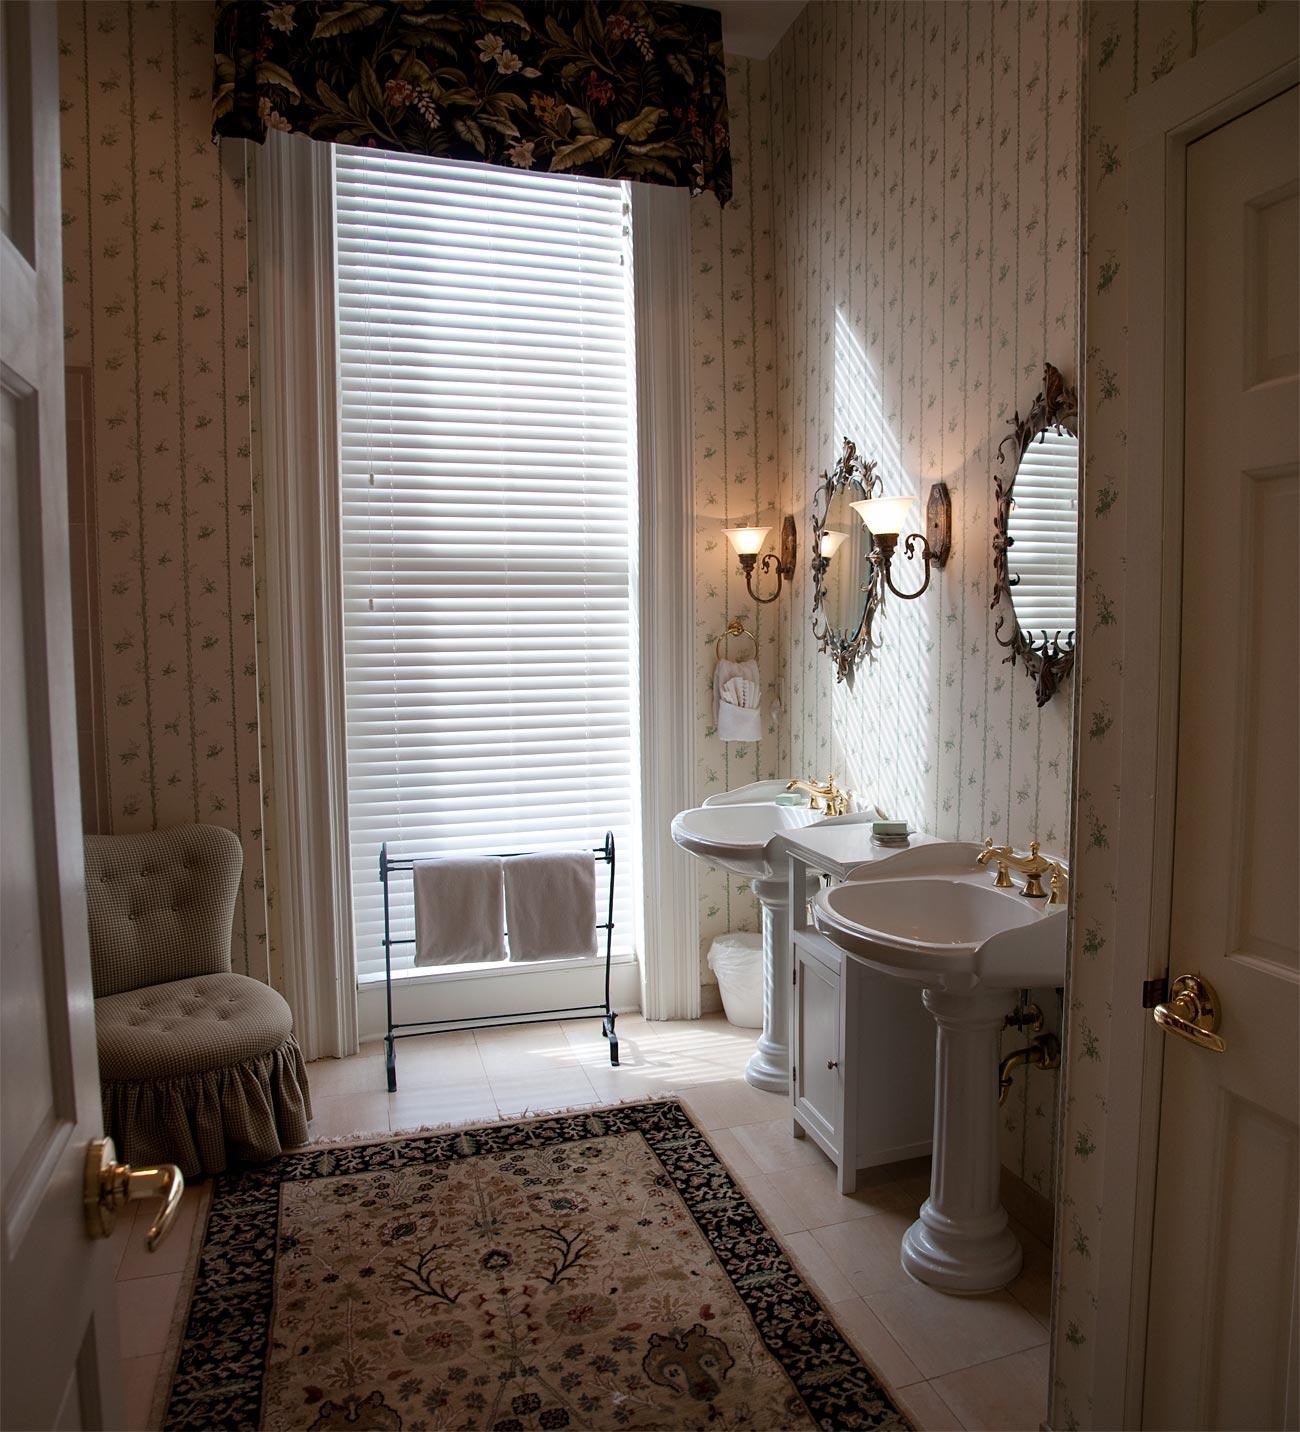 Badezimmerlampen - Das richtige Licht für Entspannung und Harmonie